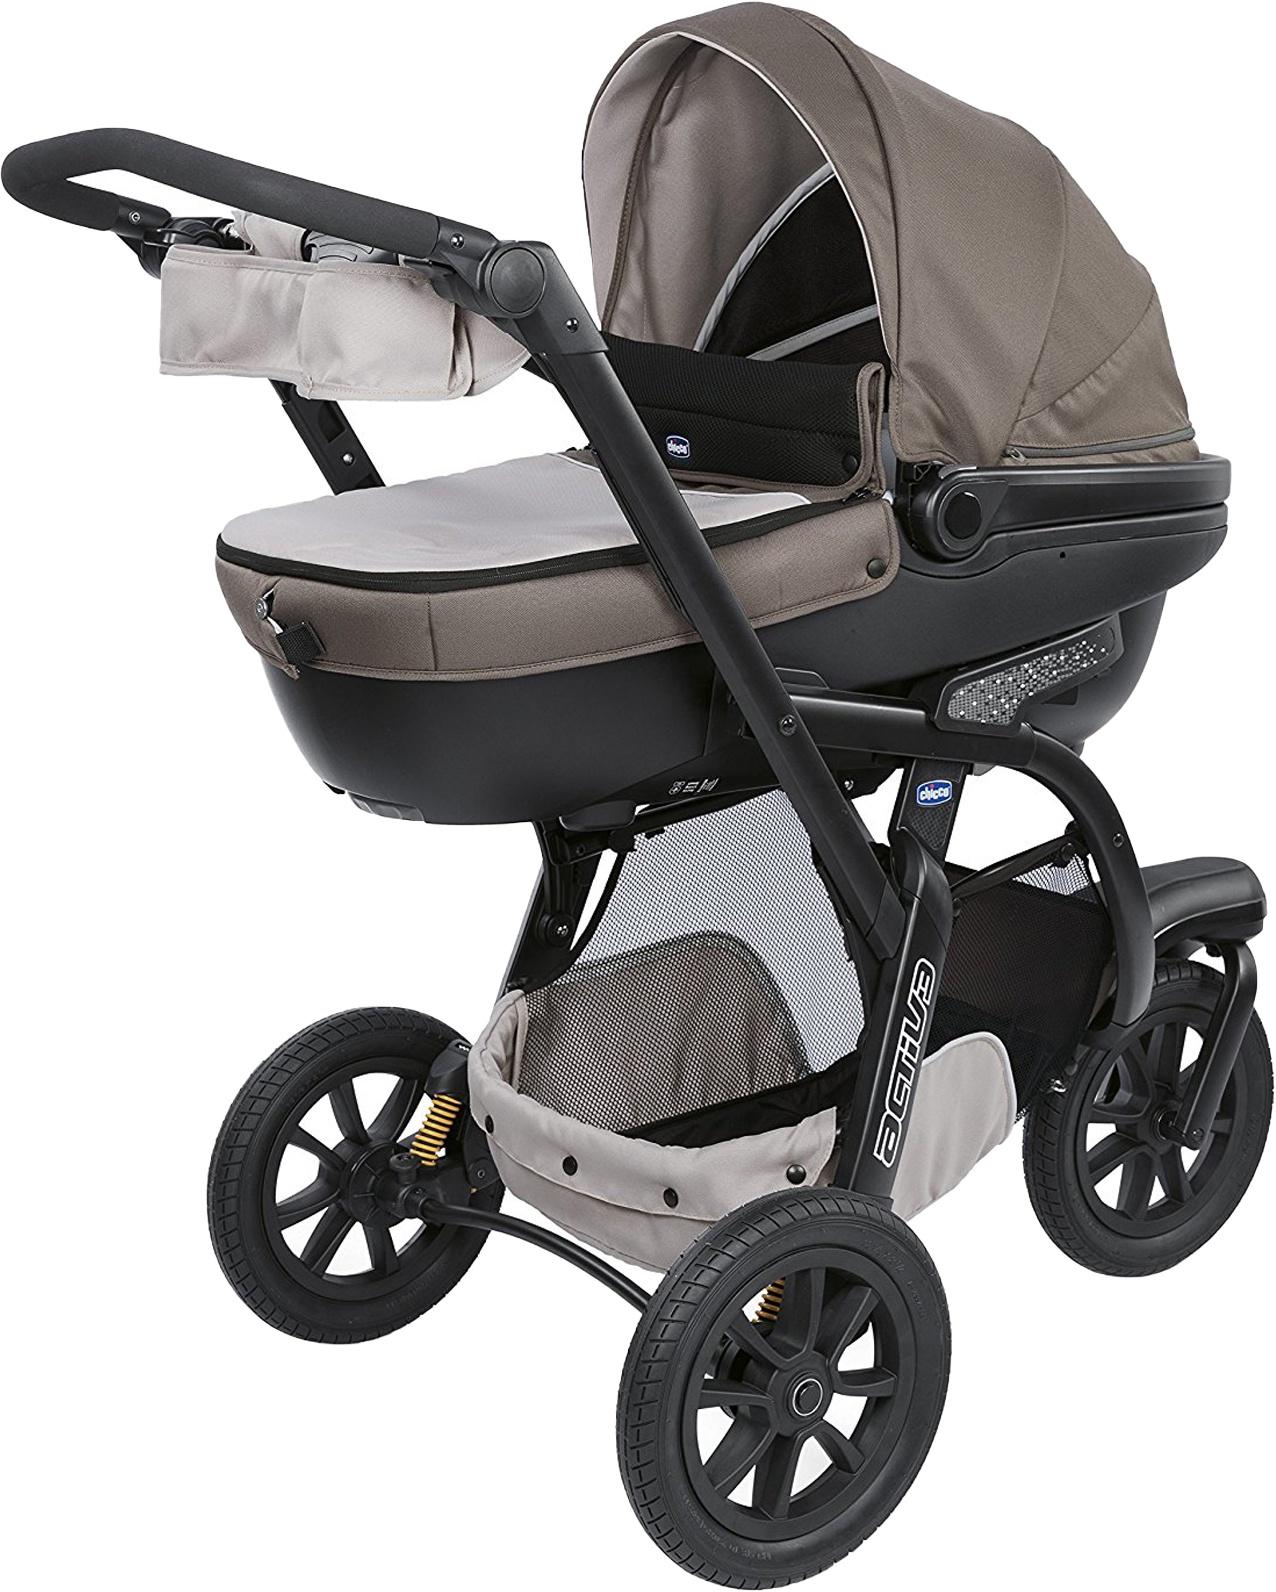 Коляска прогулочная Chicco Trio Activ3 серый прогулочная коляска chicco activ3 grey